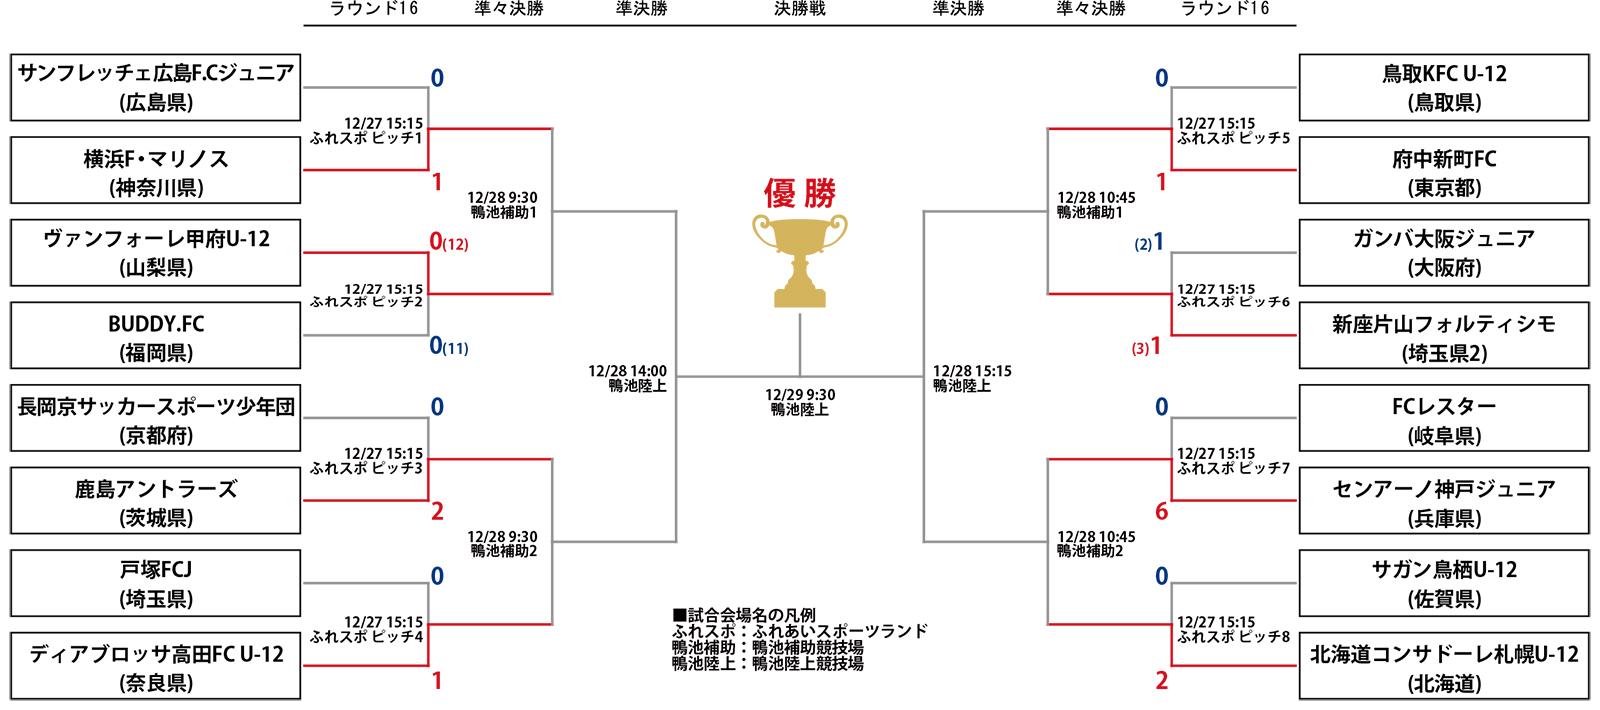 第40回 全日本少年サッカー大会 ラウンド16